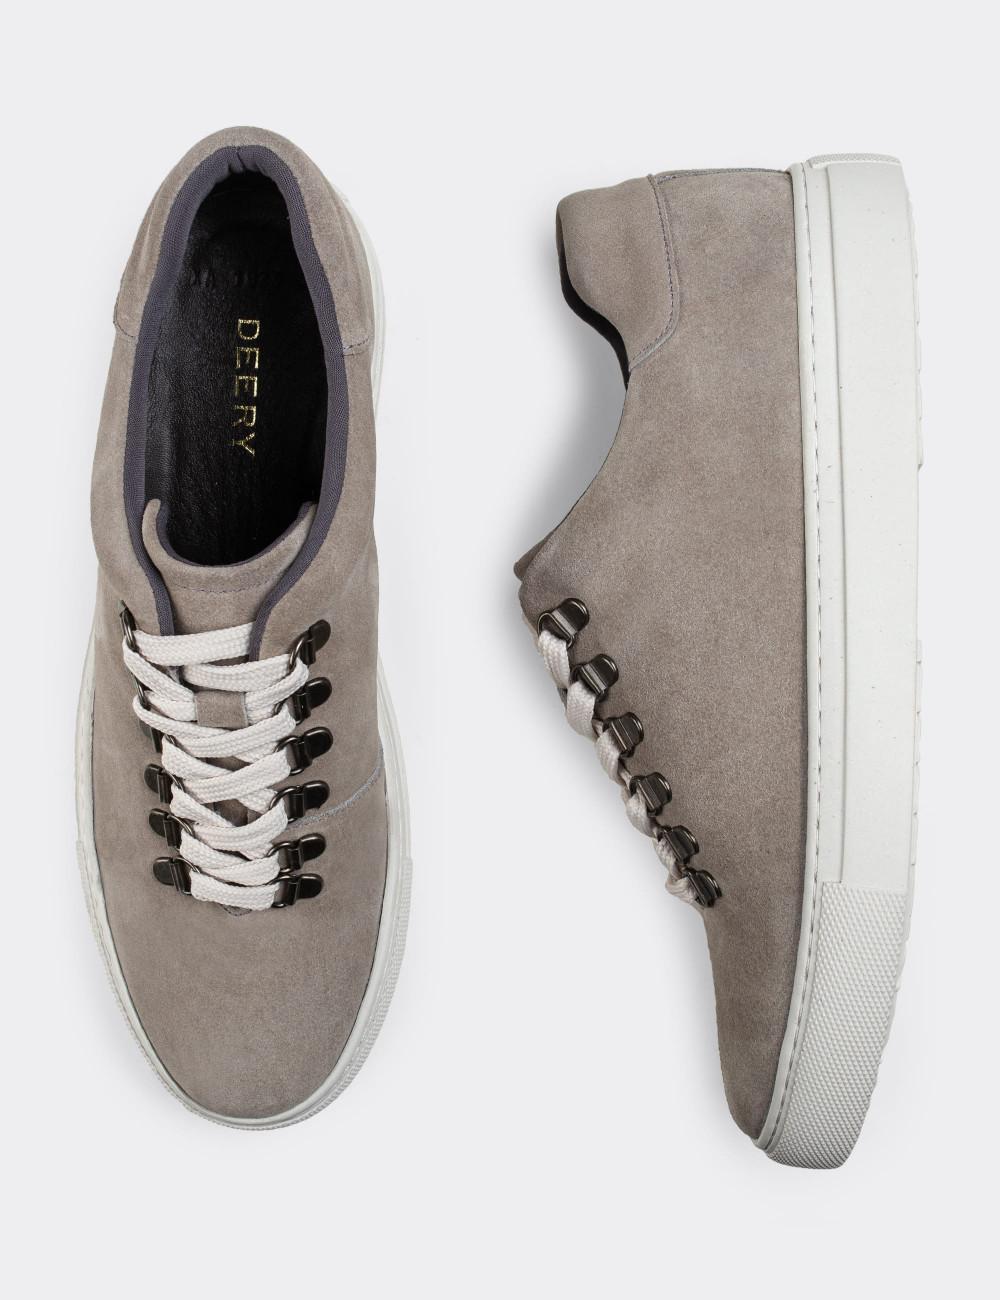 Hakiki Süet Bej Sneaker Erkek Ayakkabı - 01835MBEJC01